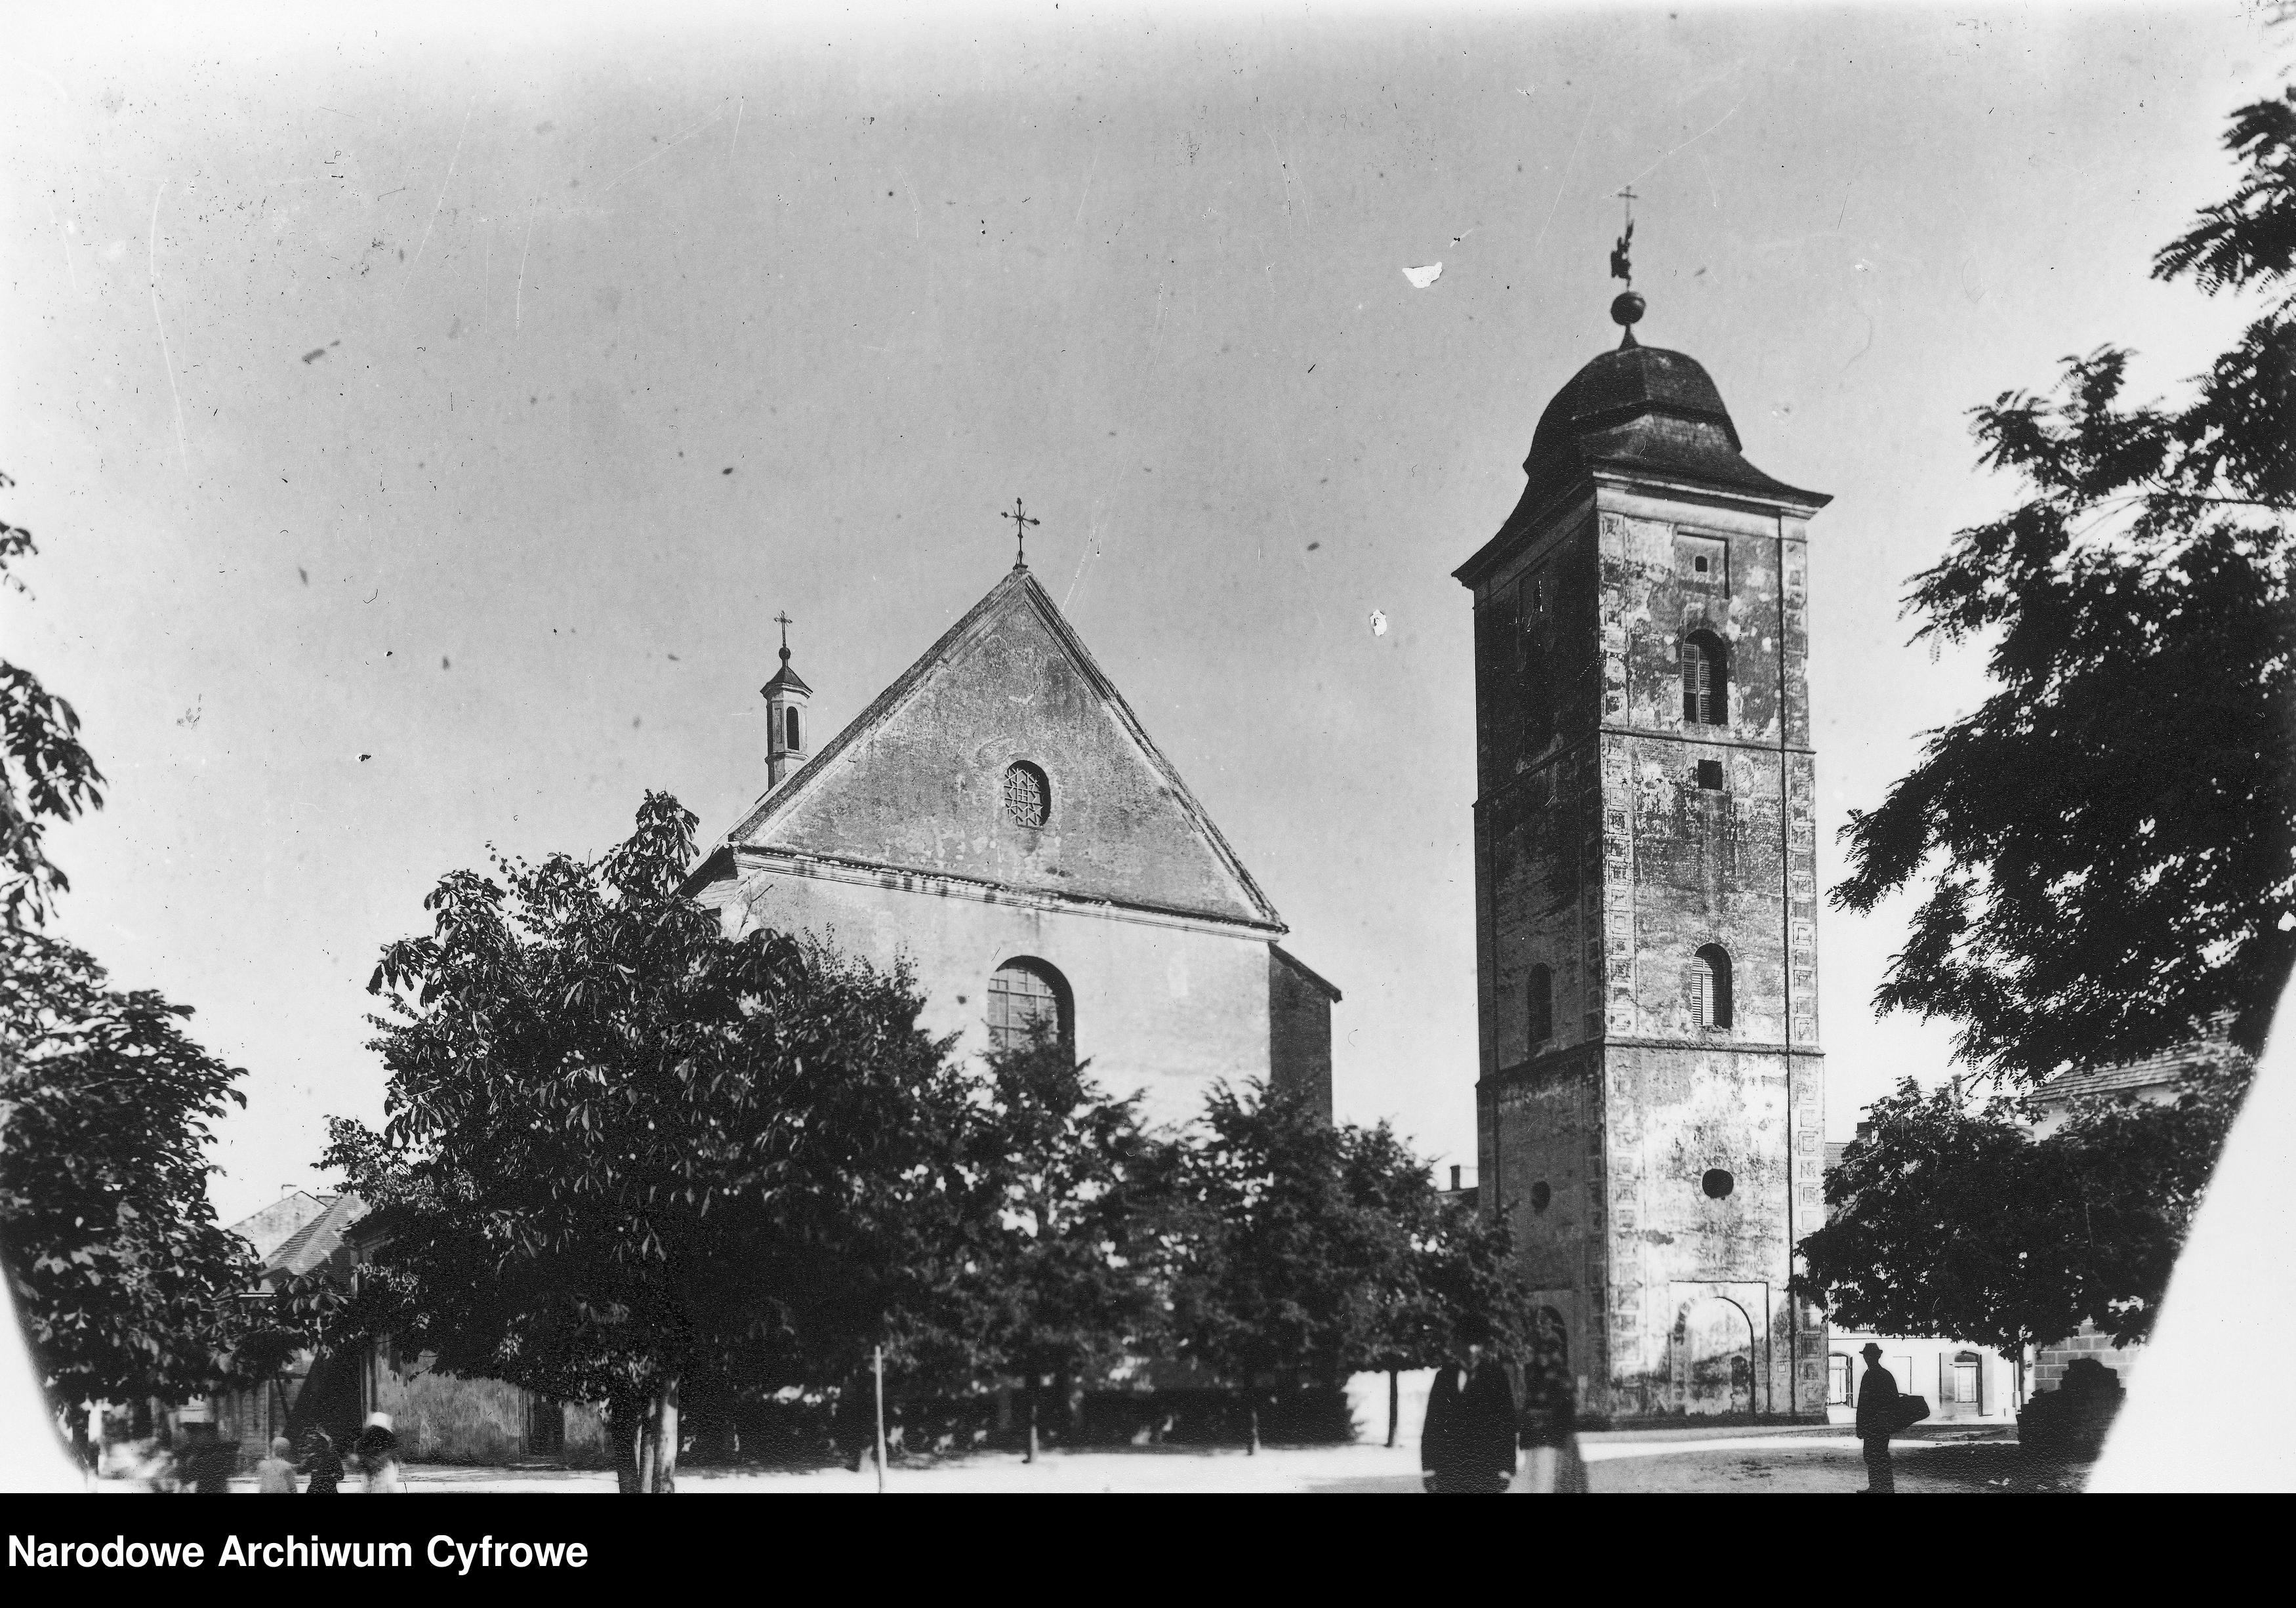 Piękne podkarpackie kościoły. Zobacz fotografie sprzed blisko stu lat [ZDJĘCIA] - Zdjęcie główne